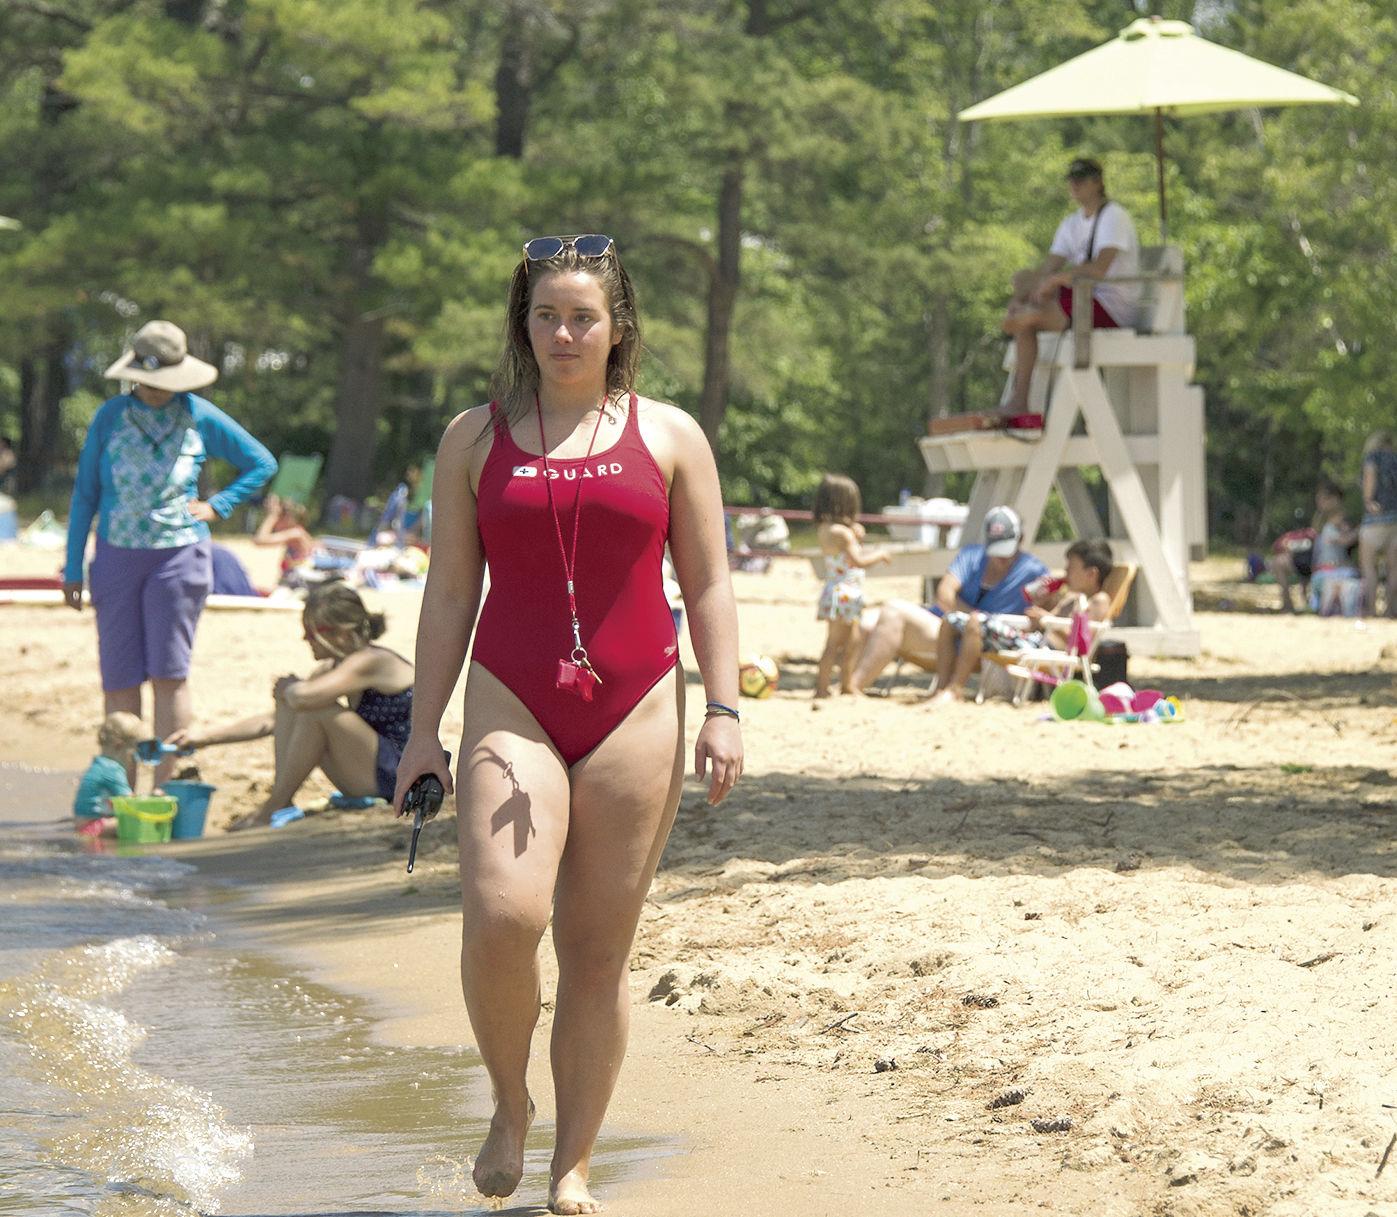 Lewd Lifeguard